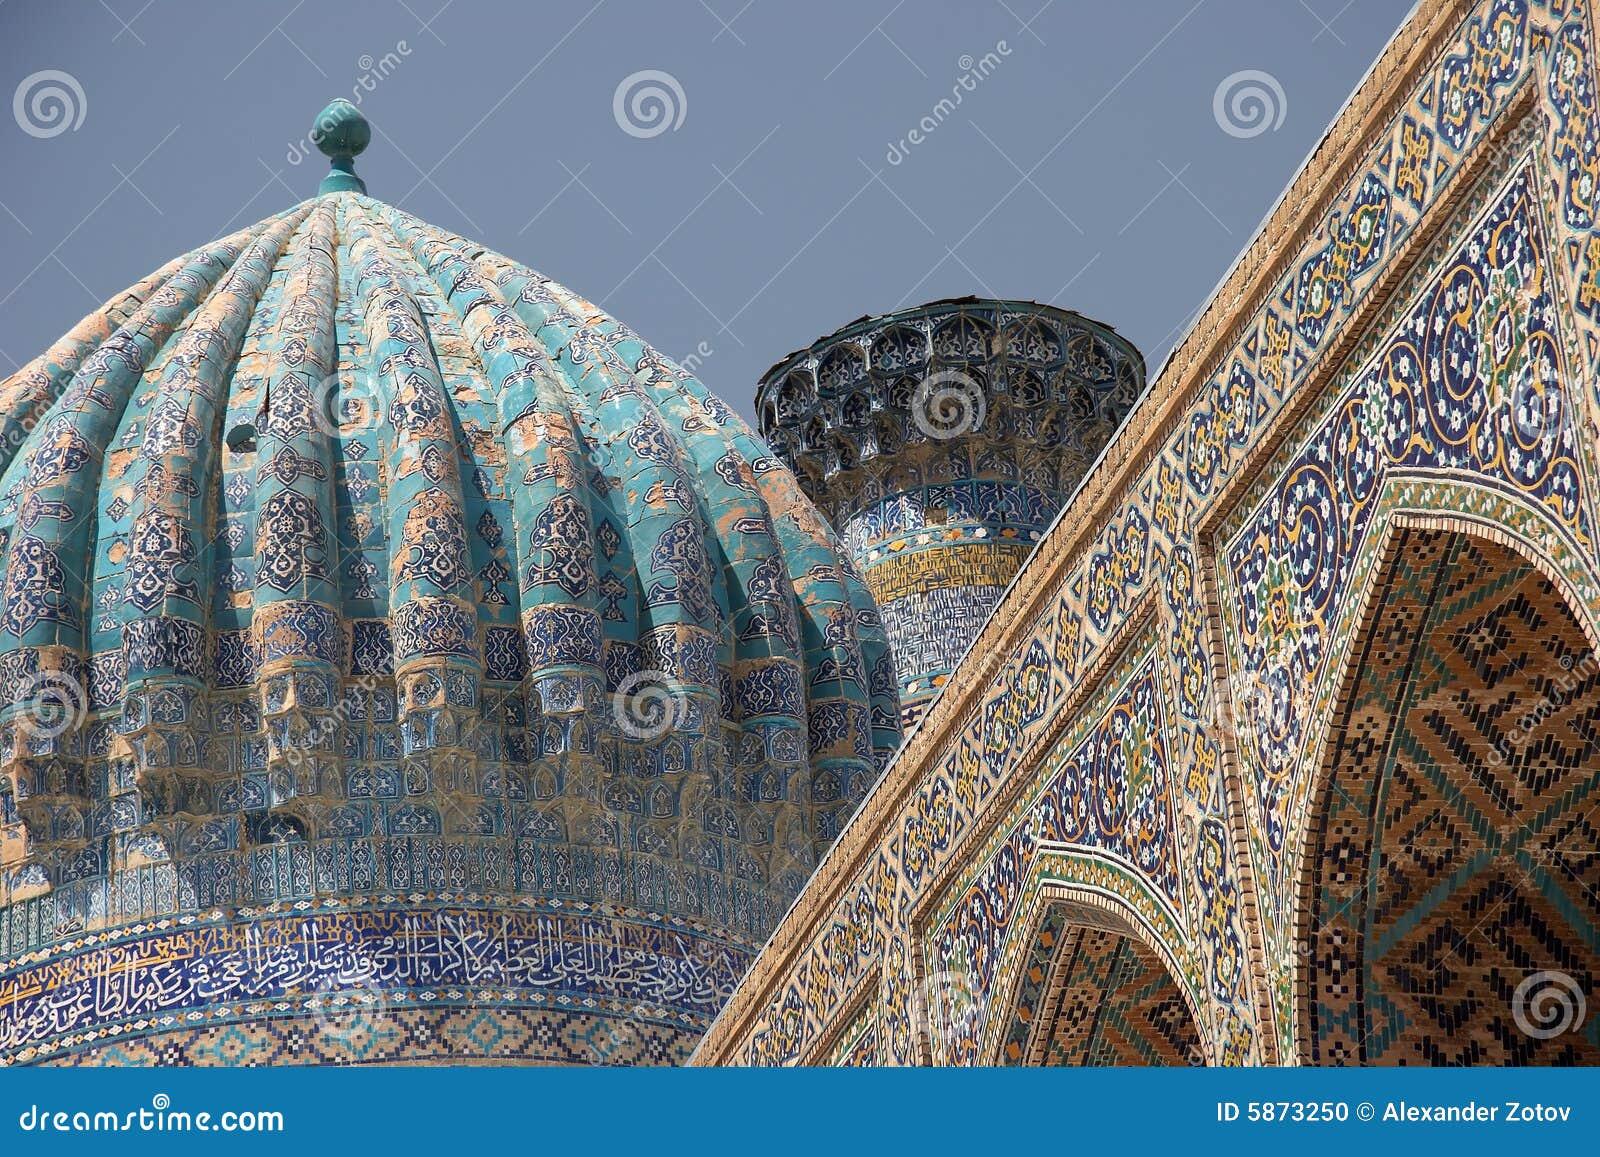 Islamic Architecture In Samarkand, Uzbekistan Stock Photo - Image ...